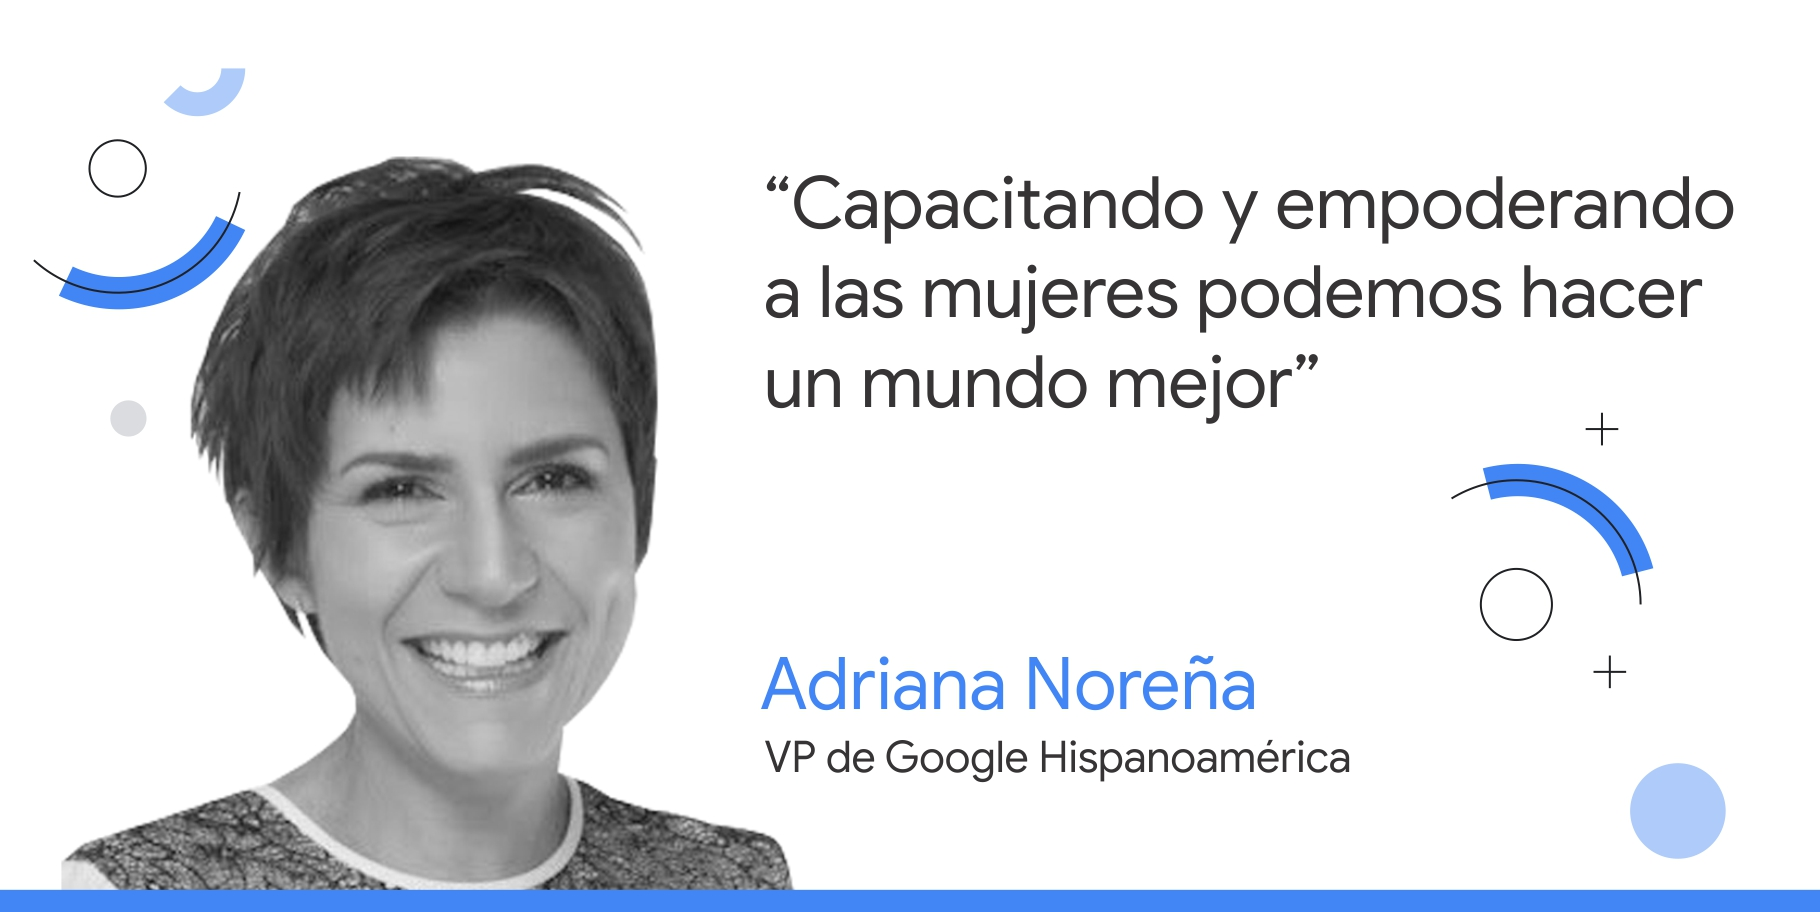 """fotografía en blanco y negro de Adriana Noreña, VP de Google Hispanomérica, junto al consejo que dice: """"Capacitando y empoderando a las mujeres podemos hacer un mundo mejor""""."""